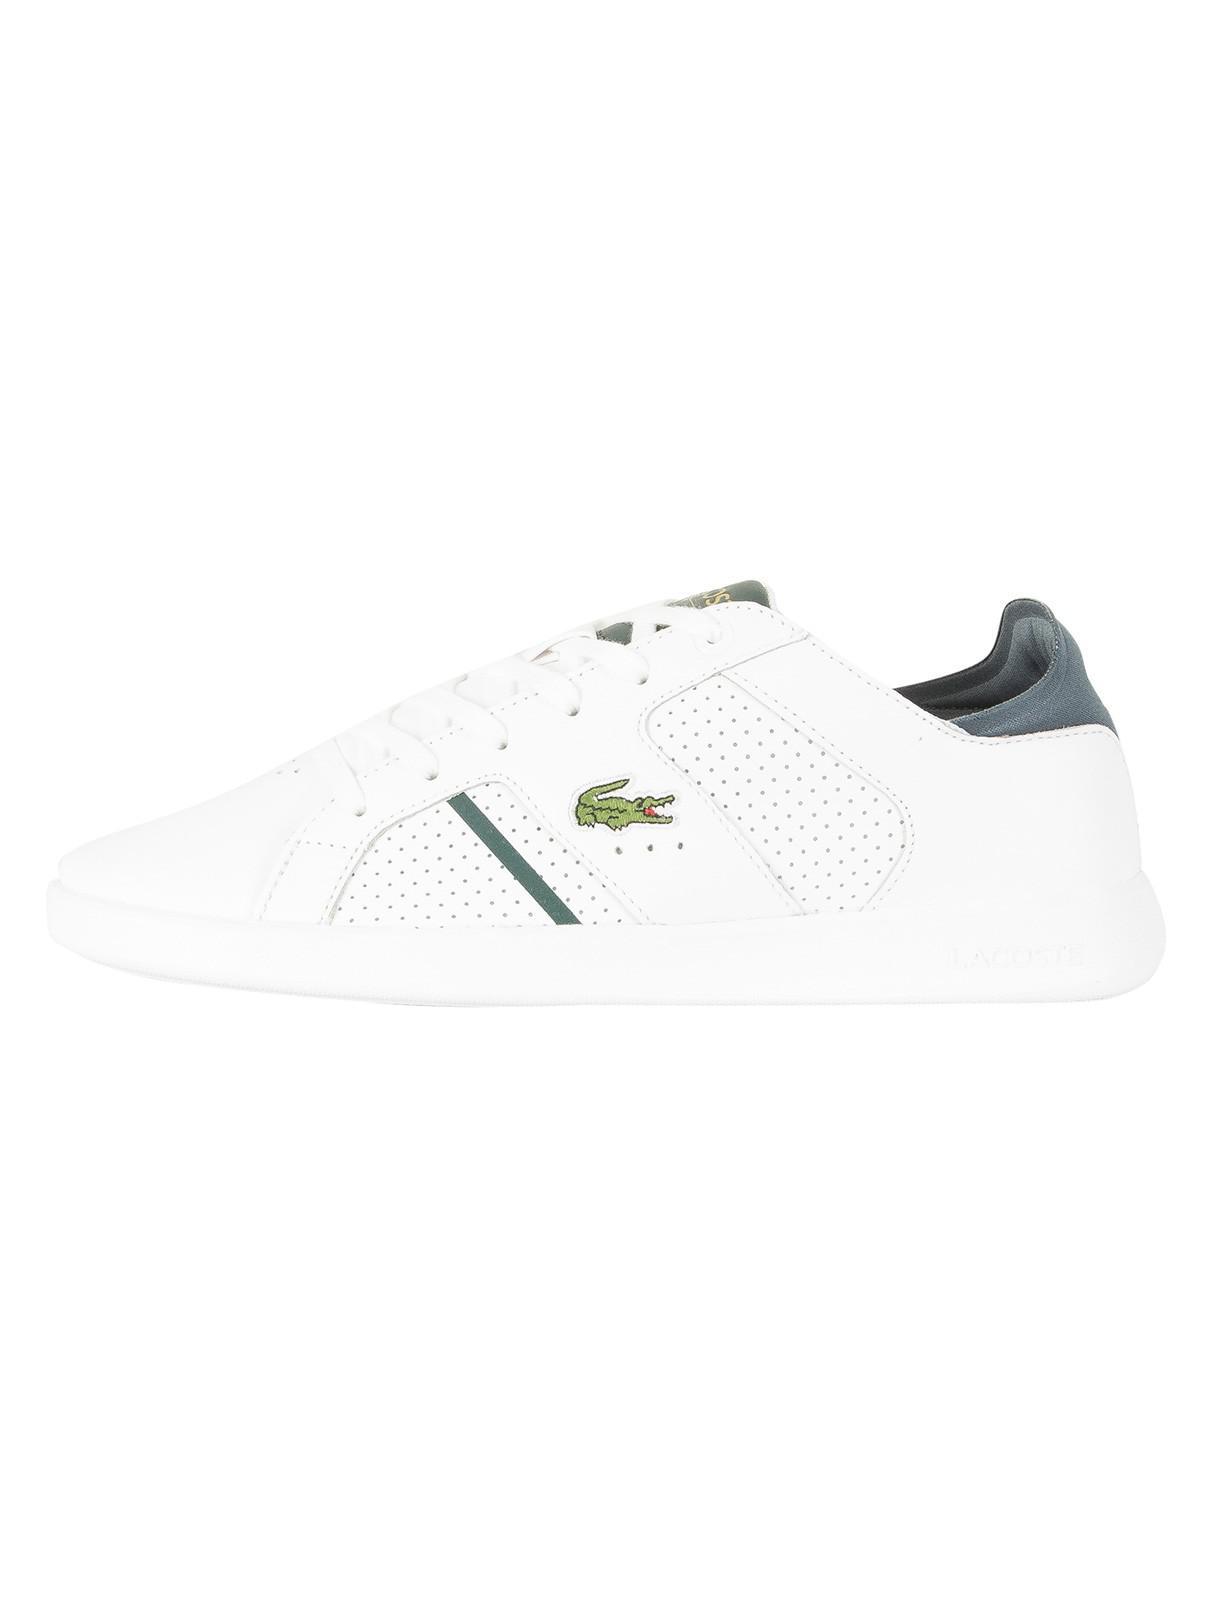 c92a28d849672e Lyst - Lacoste White dark Green Novas Ct 118 1 Spm Leather Trainers ...